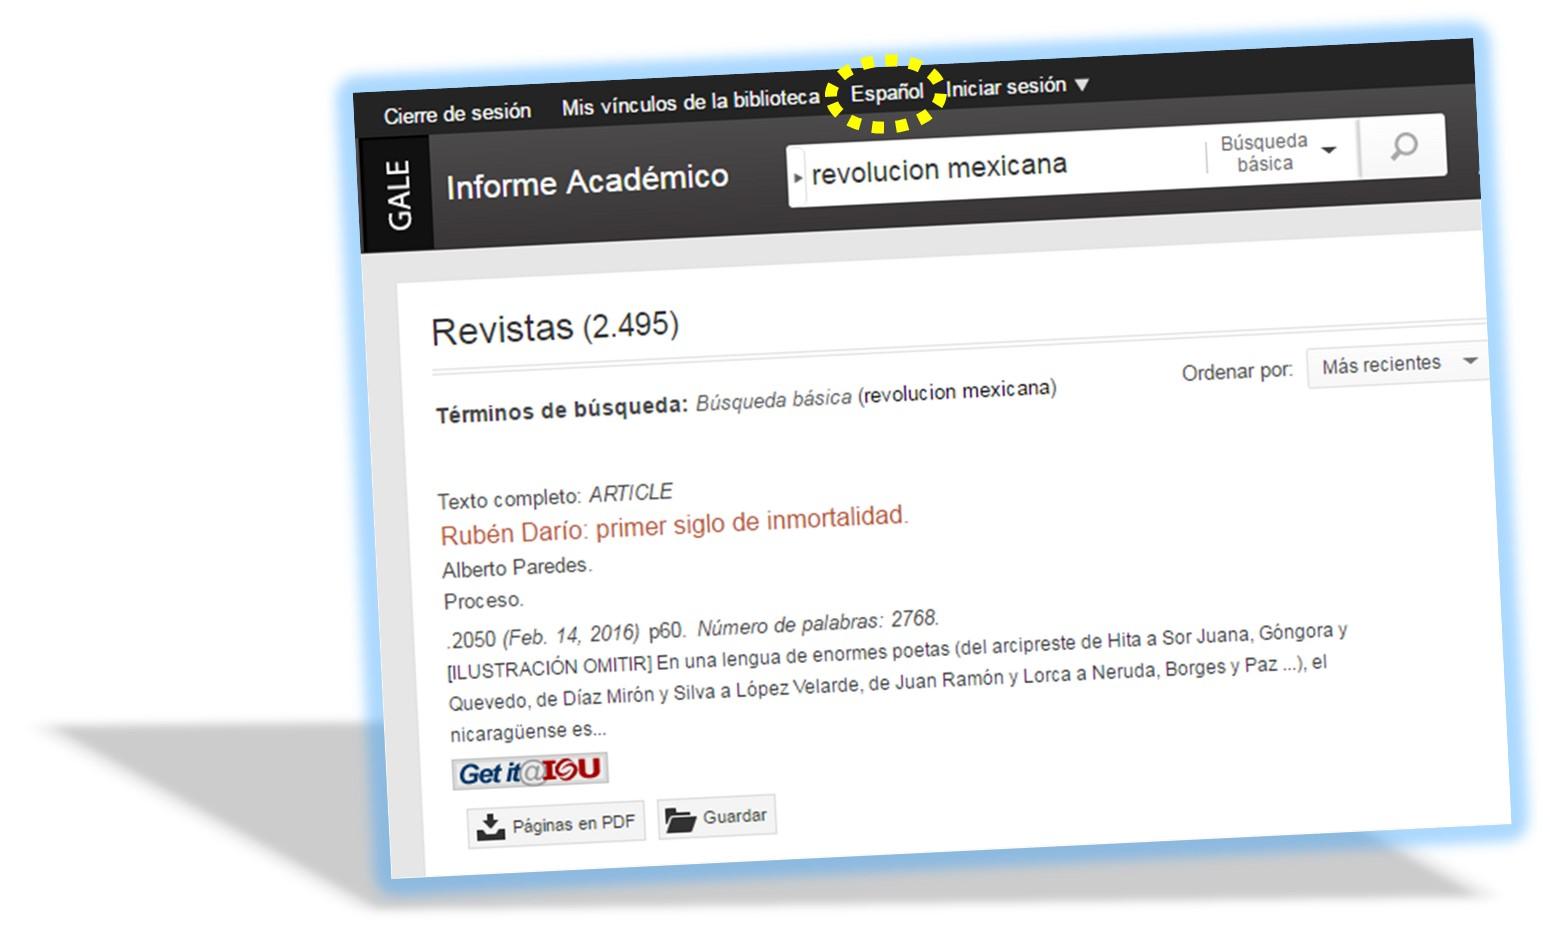 Informe Académico